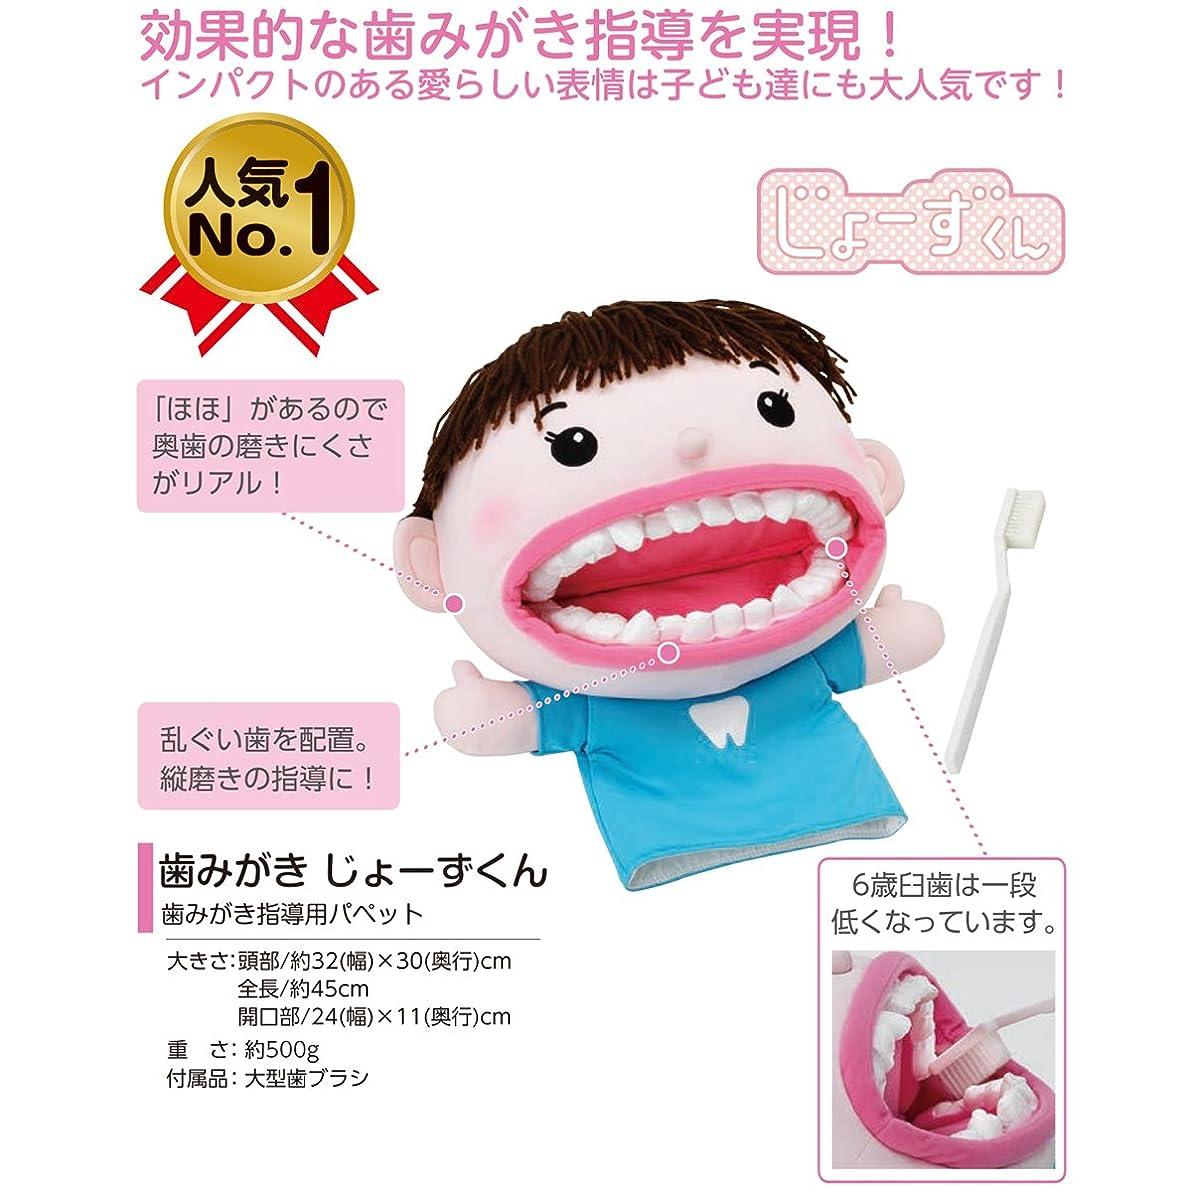 デコレーション重なる憲法歯みがき じょーずくん 歯磨き 指導用 教育用 パペット 人形 ぬいぐるみ